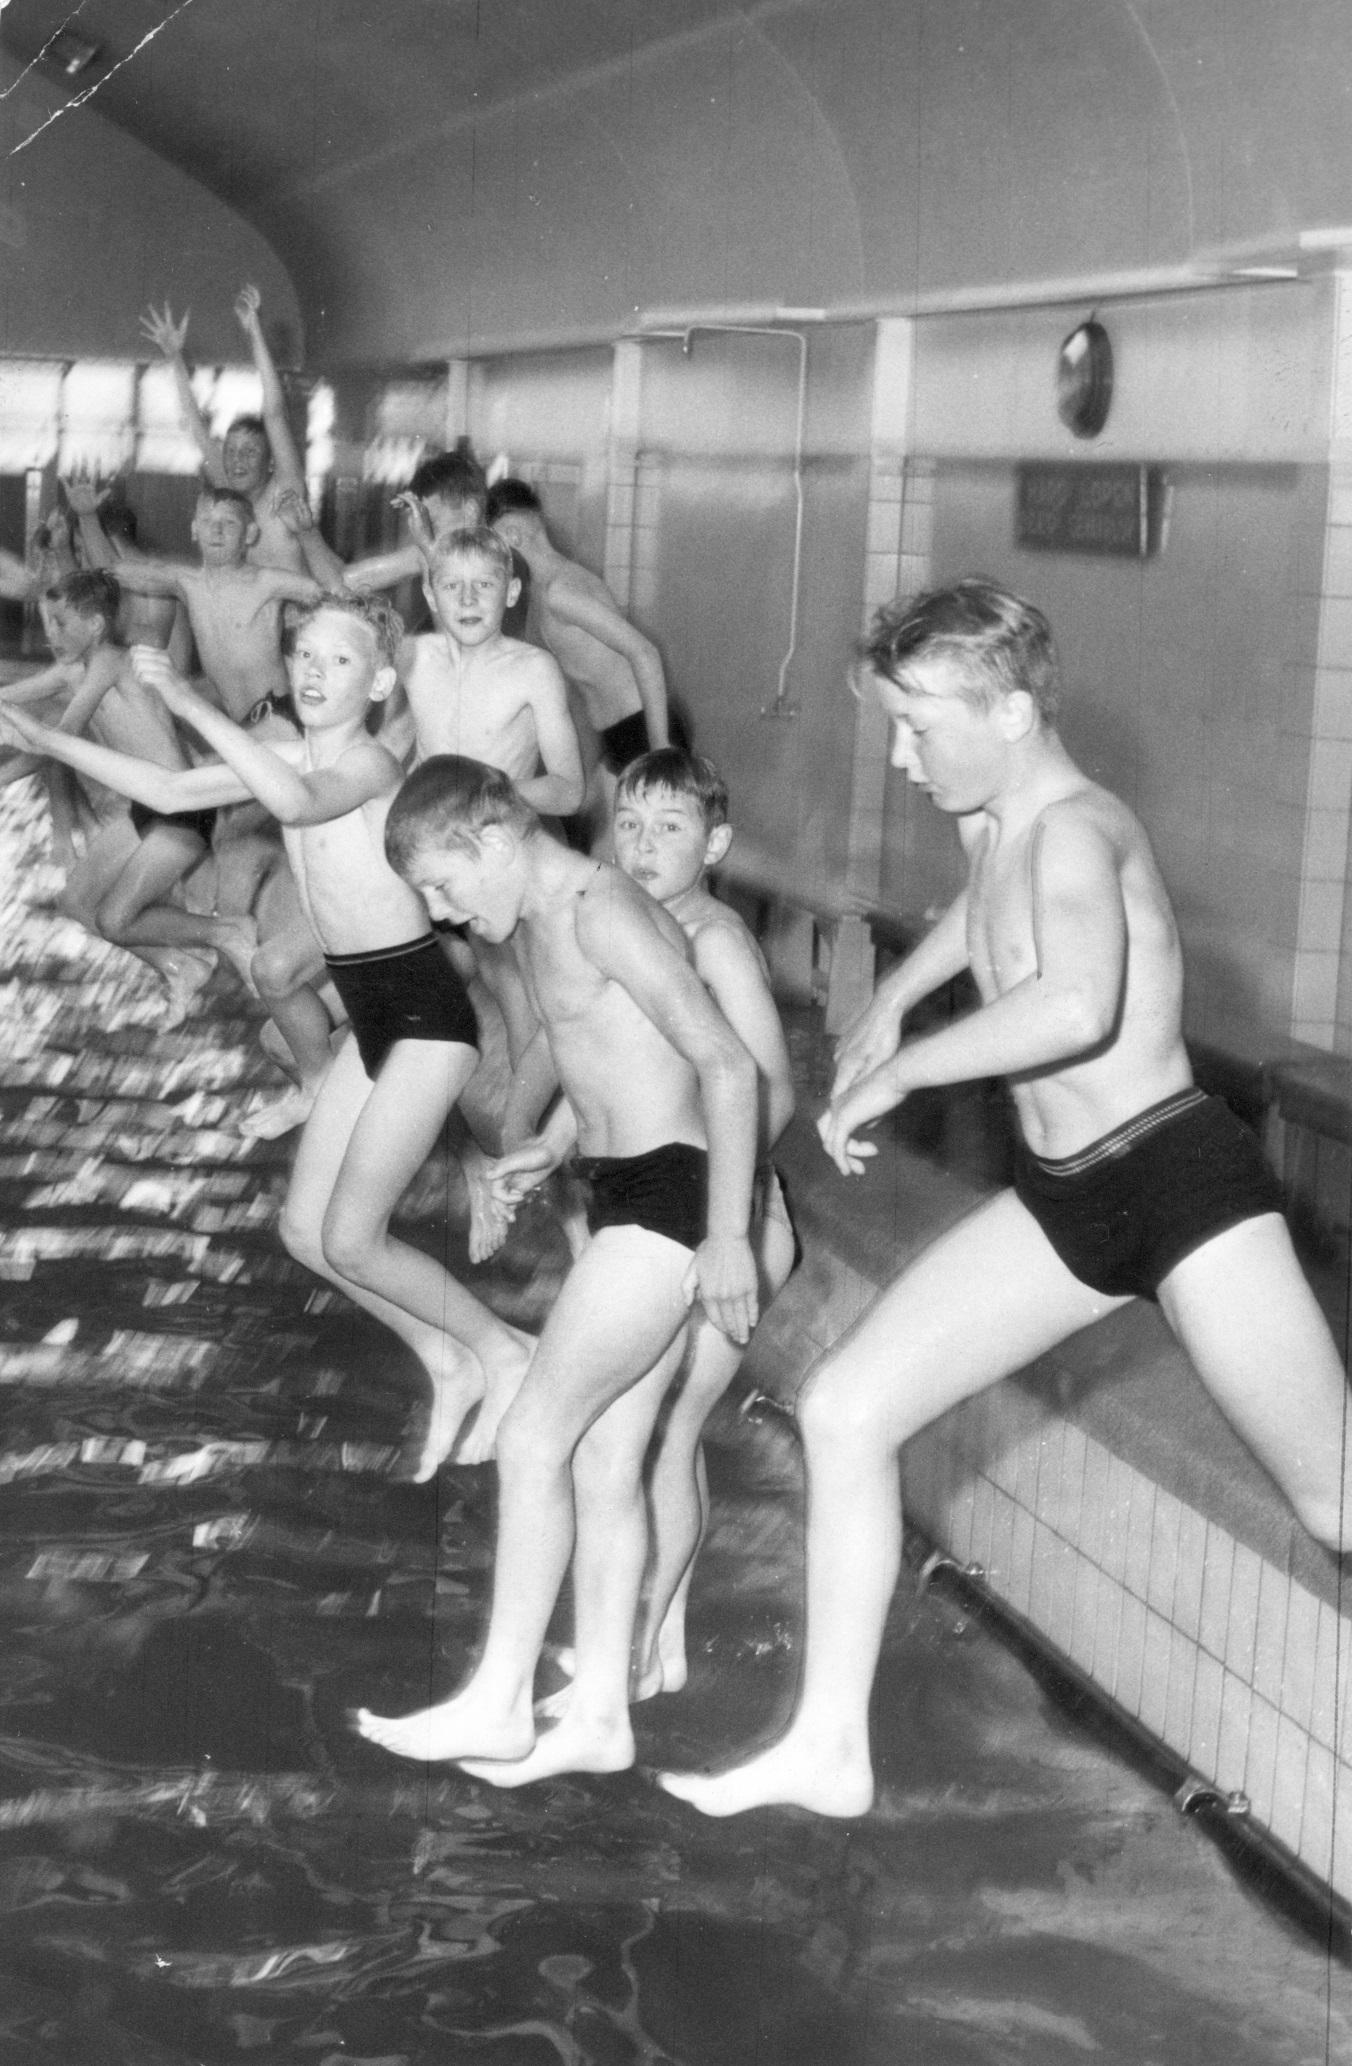 <p>Historische foto Spaardersbad, schoolzwemmen, ca. 1965</p>